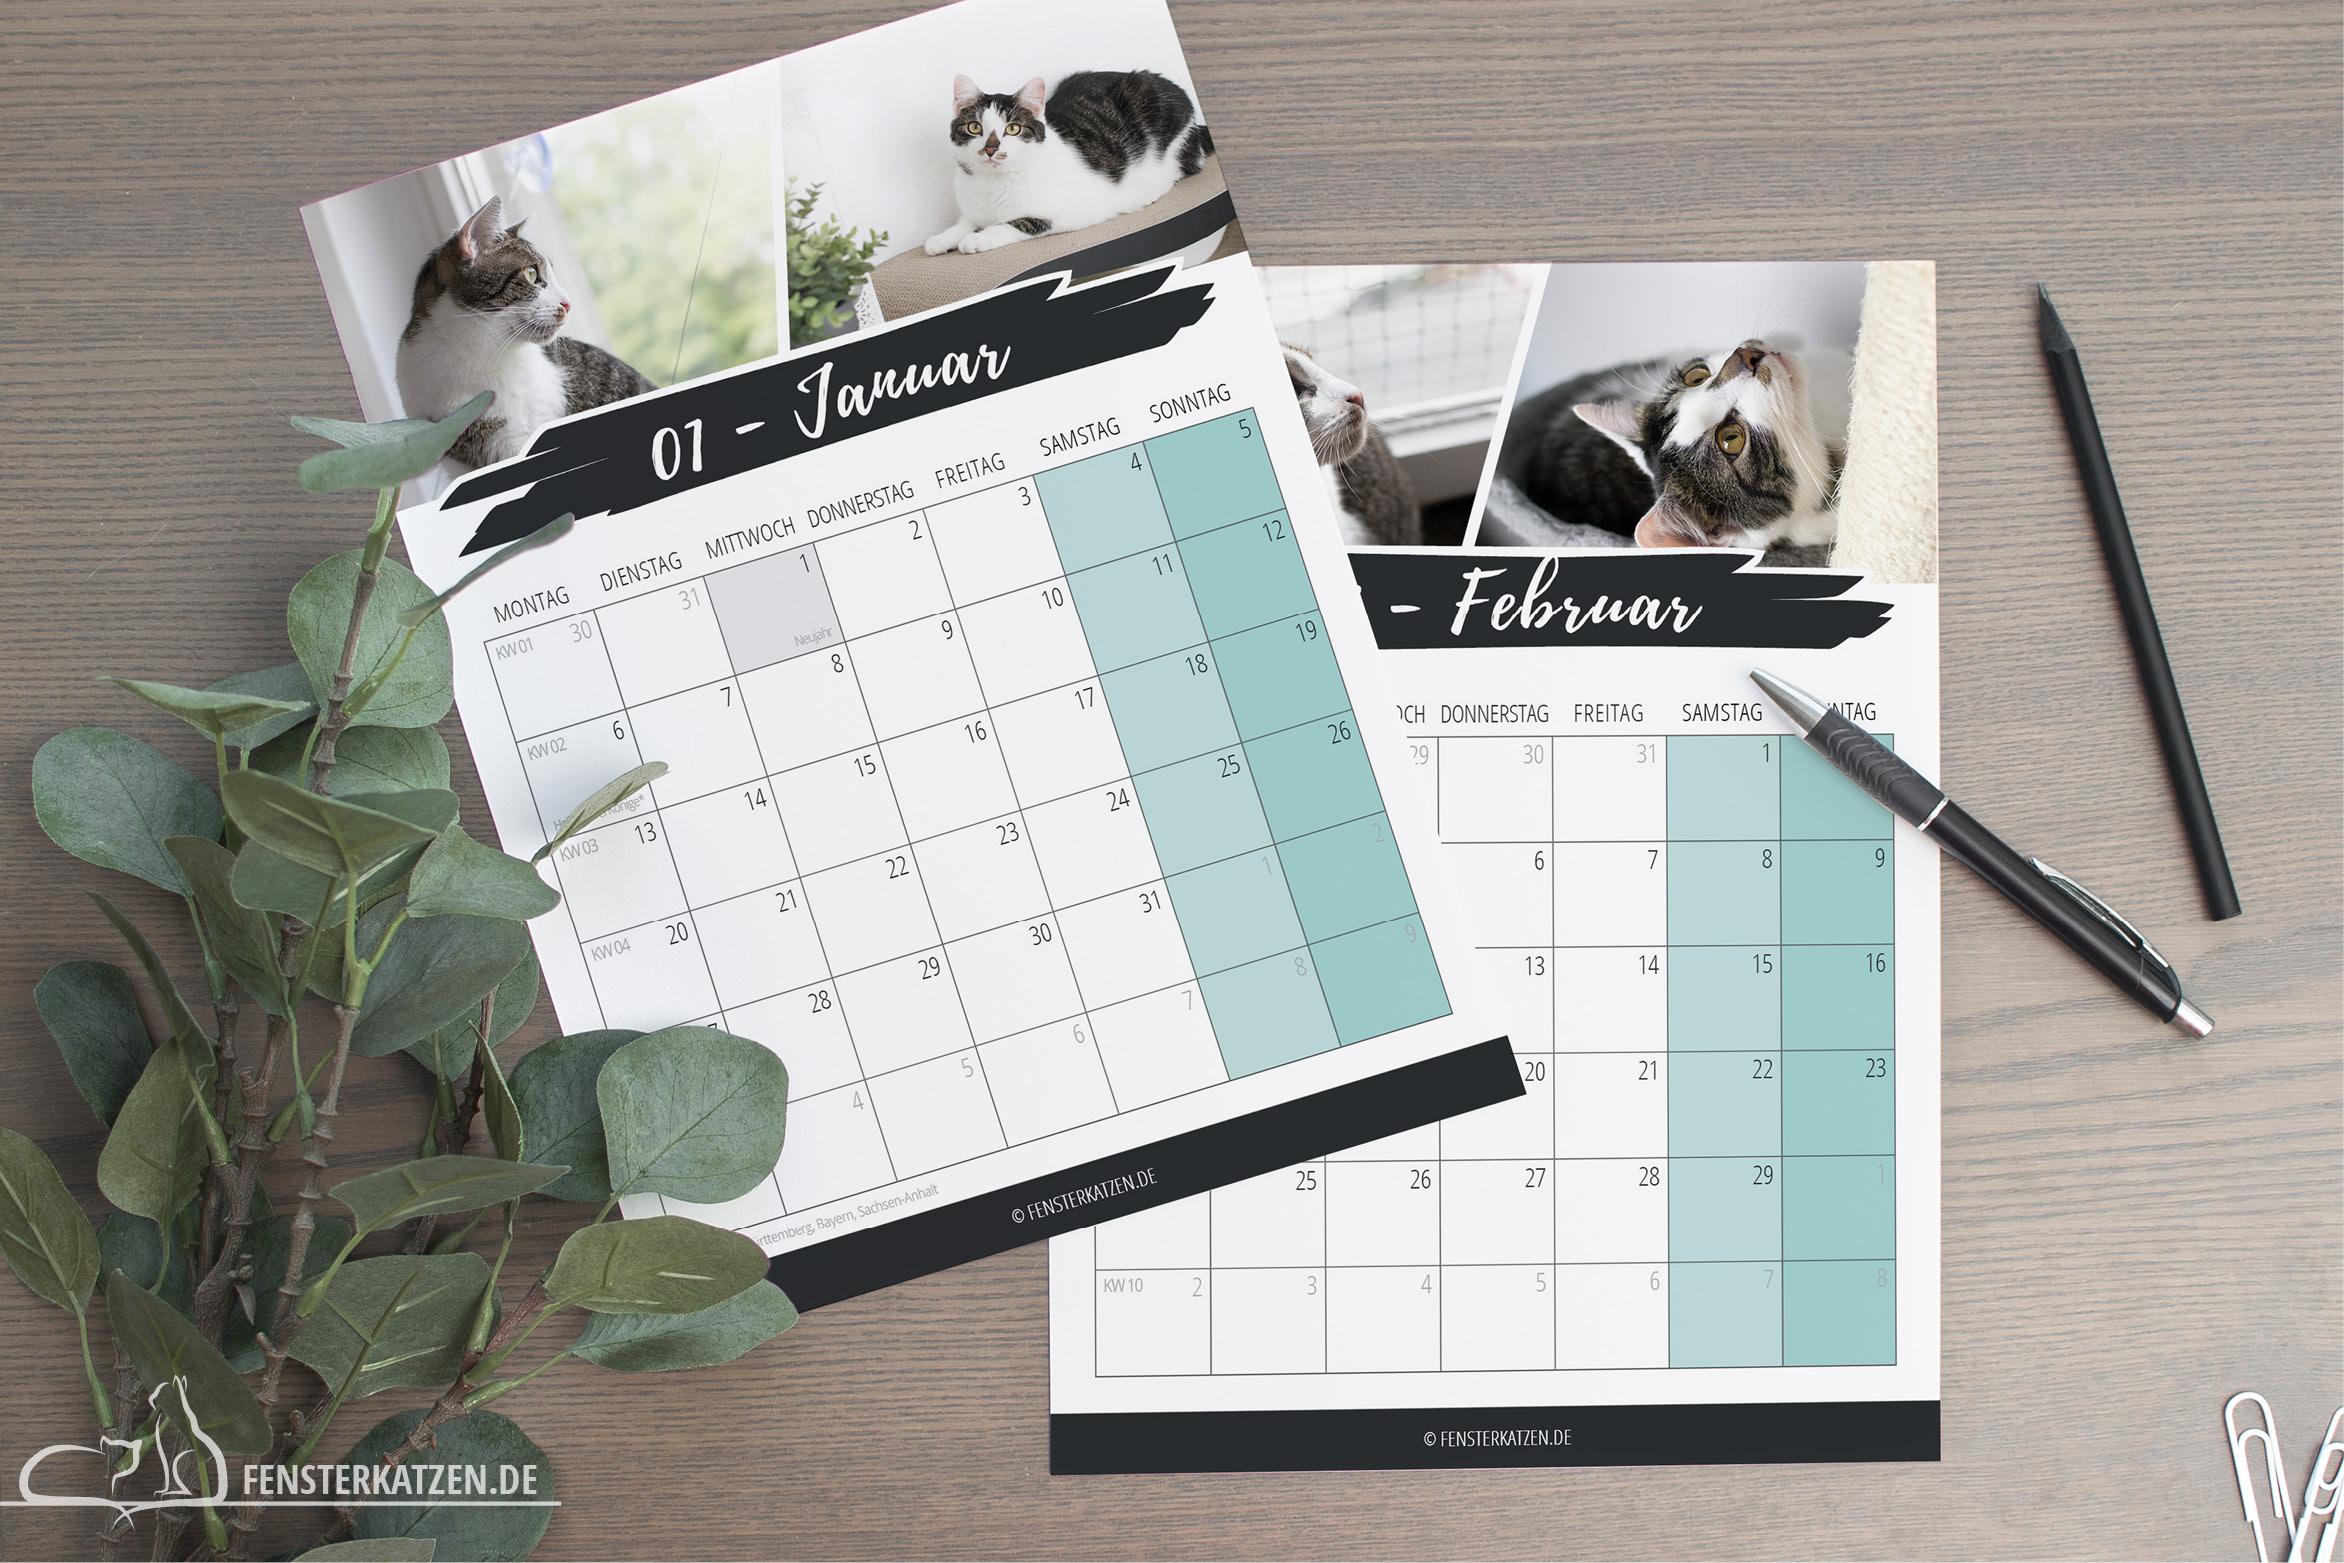 Fensterkatzen-News-Kalender-2020-Felder